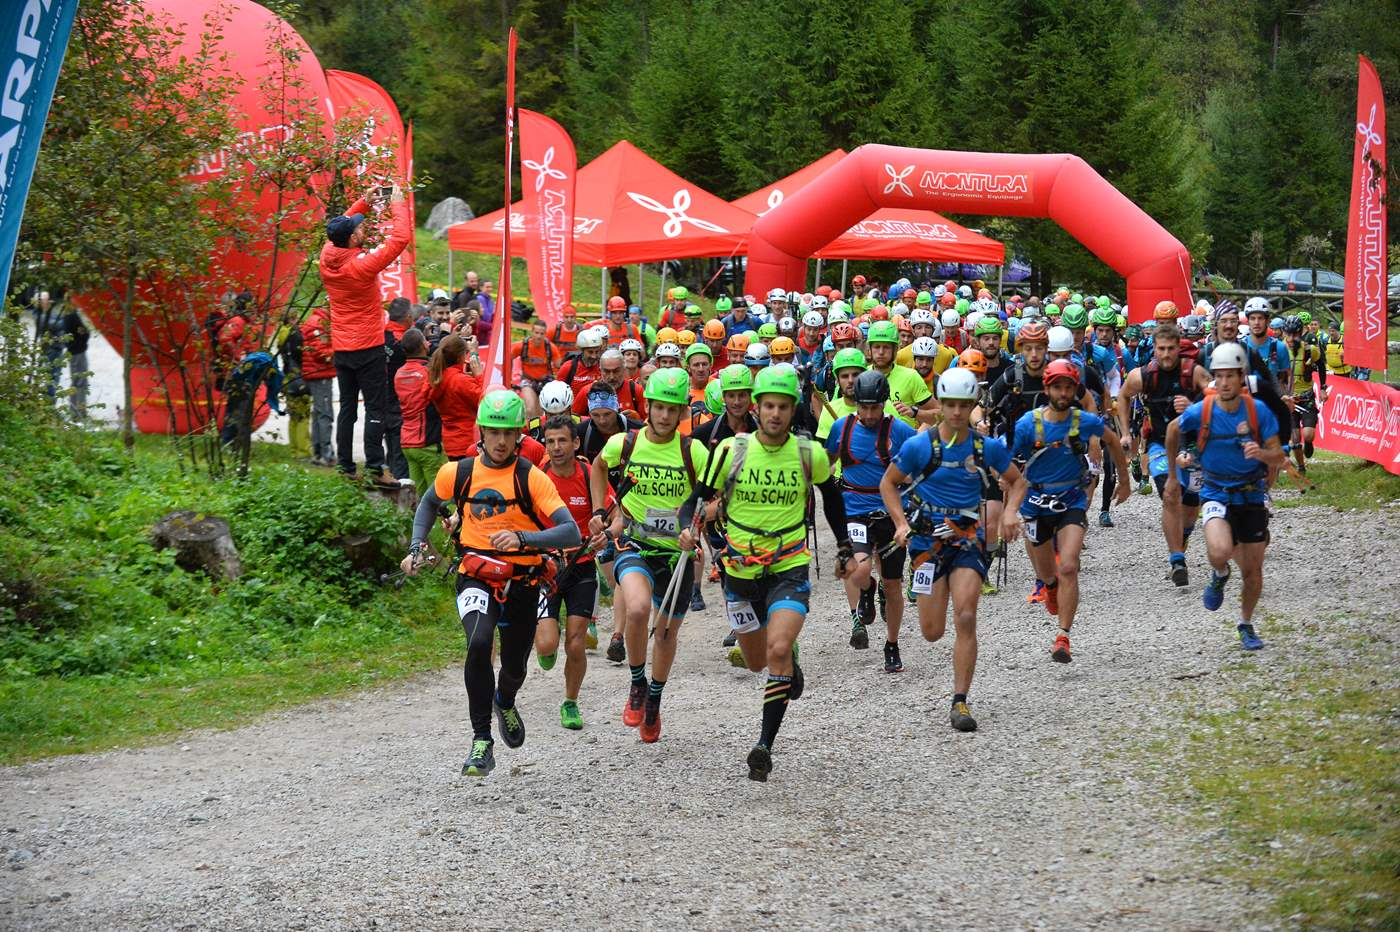 Sabato 5 ottobre, il Soccorso Alpino Toscano in gara con una propria squadra di tecnici alla Dolomiti Rescue Race 2019